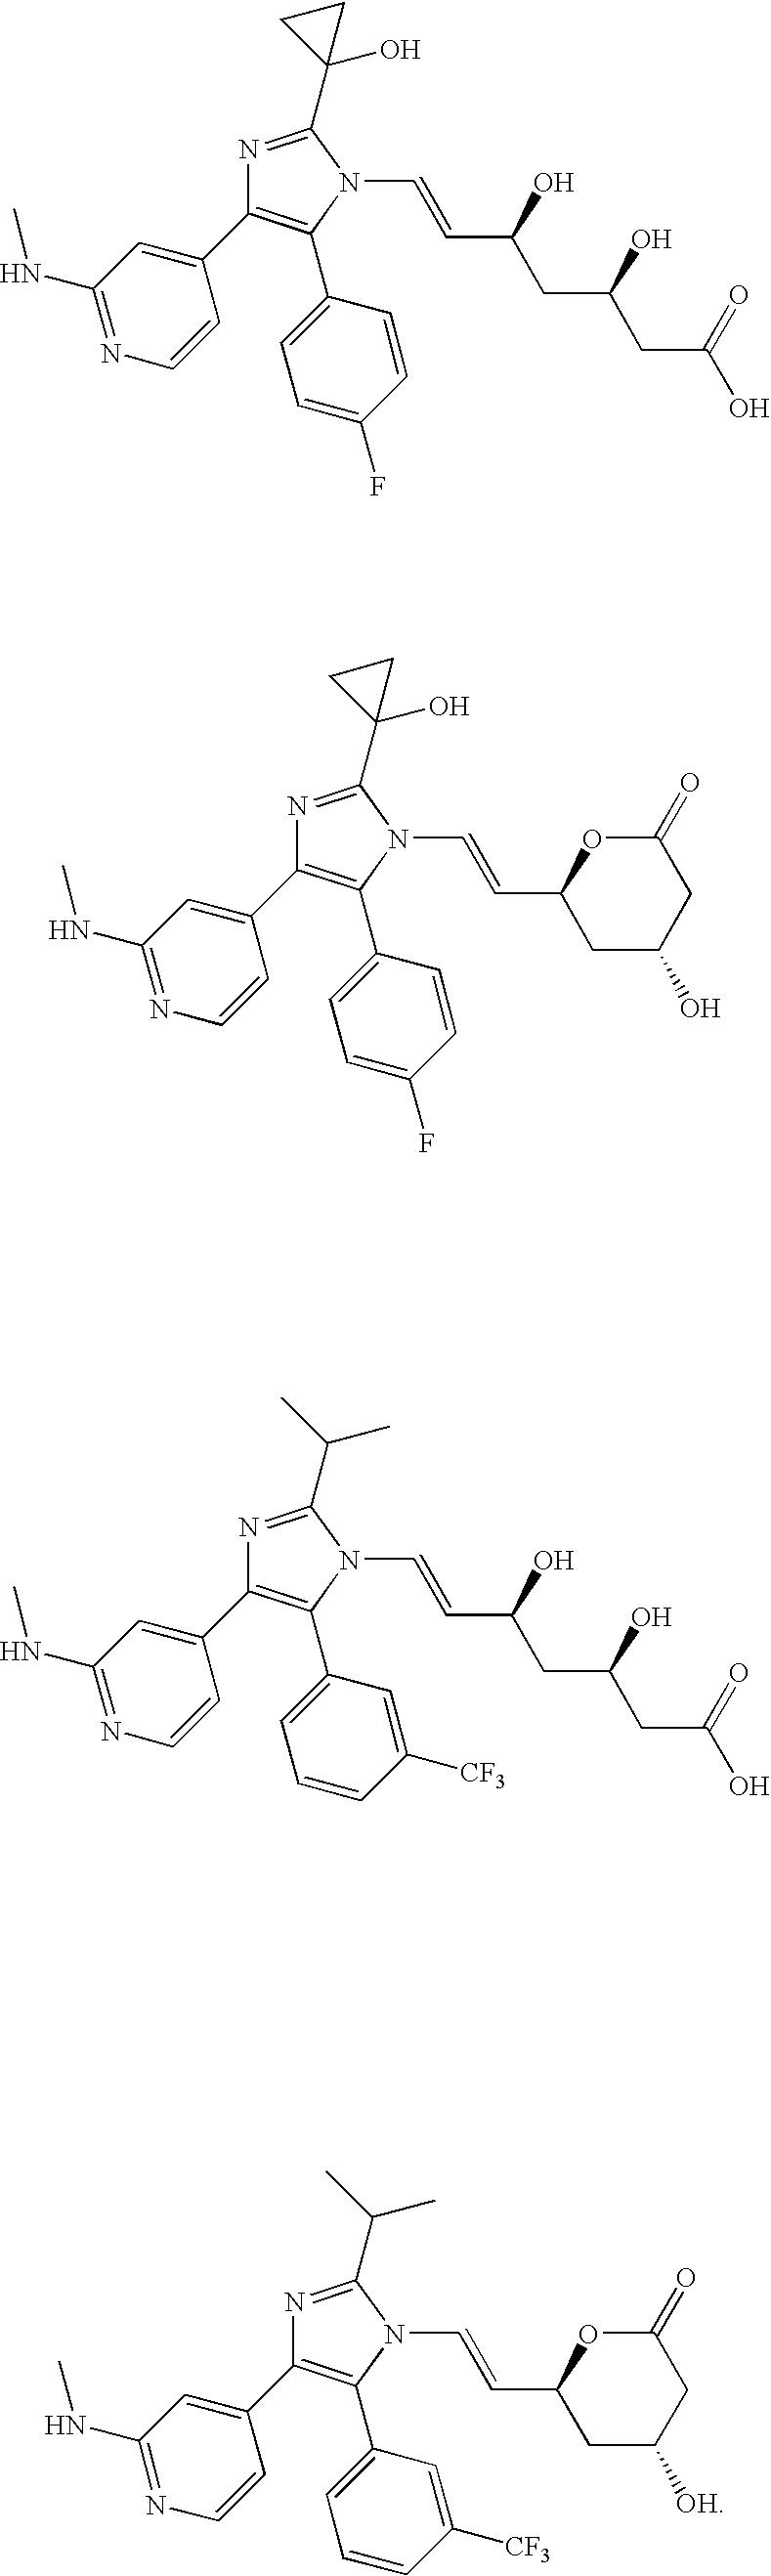 Figure US07183285-20070227-C00072